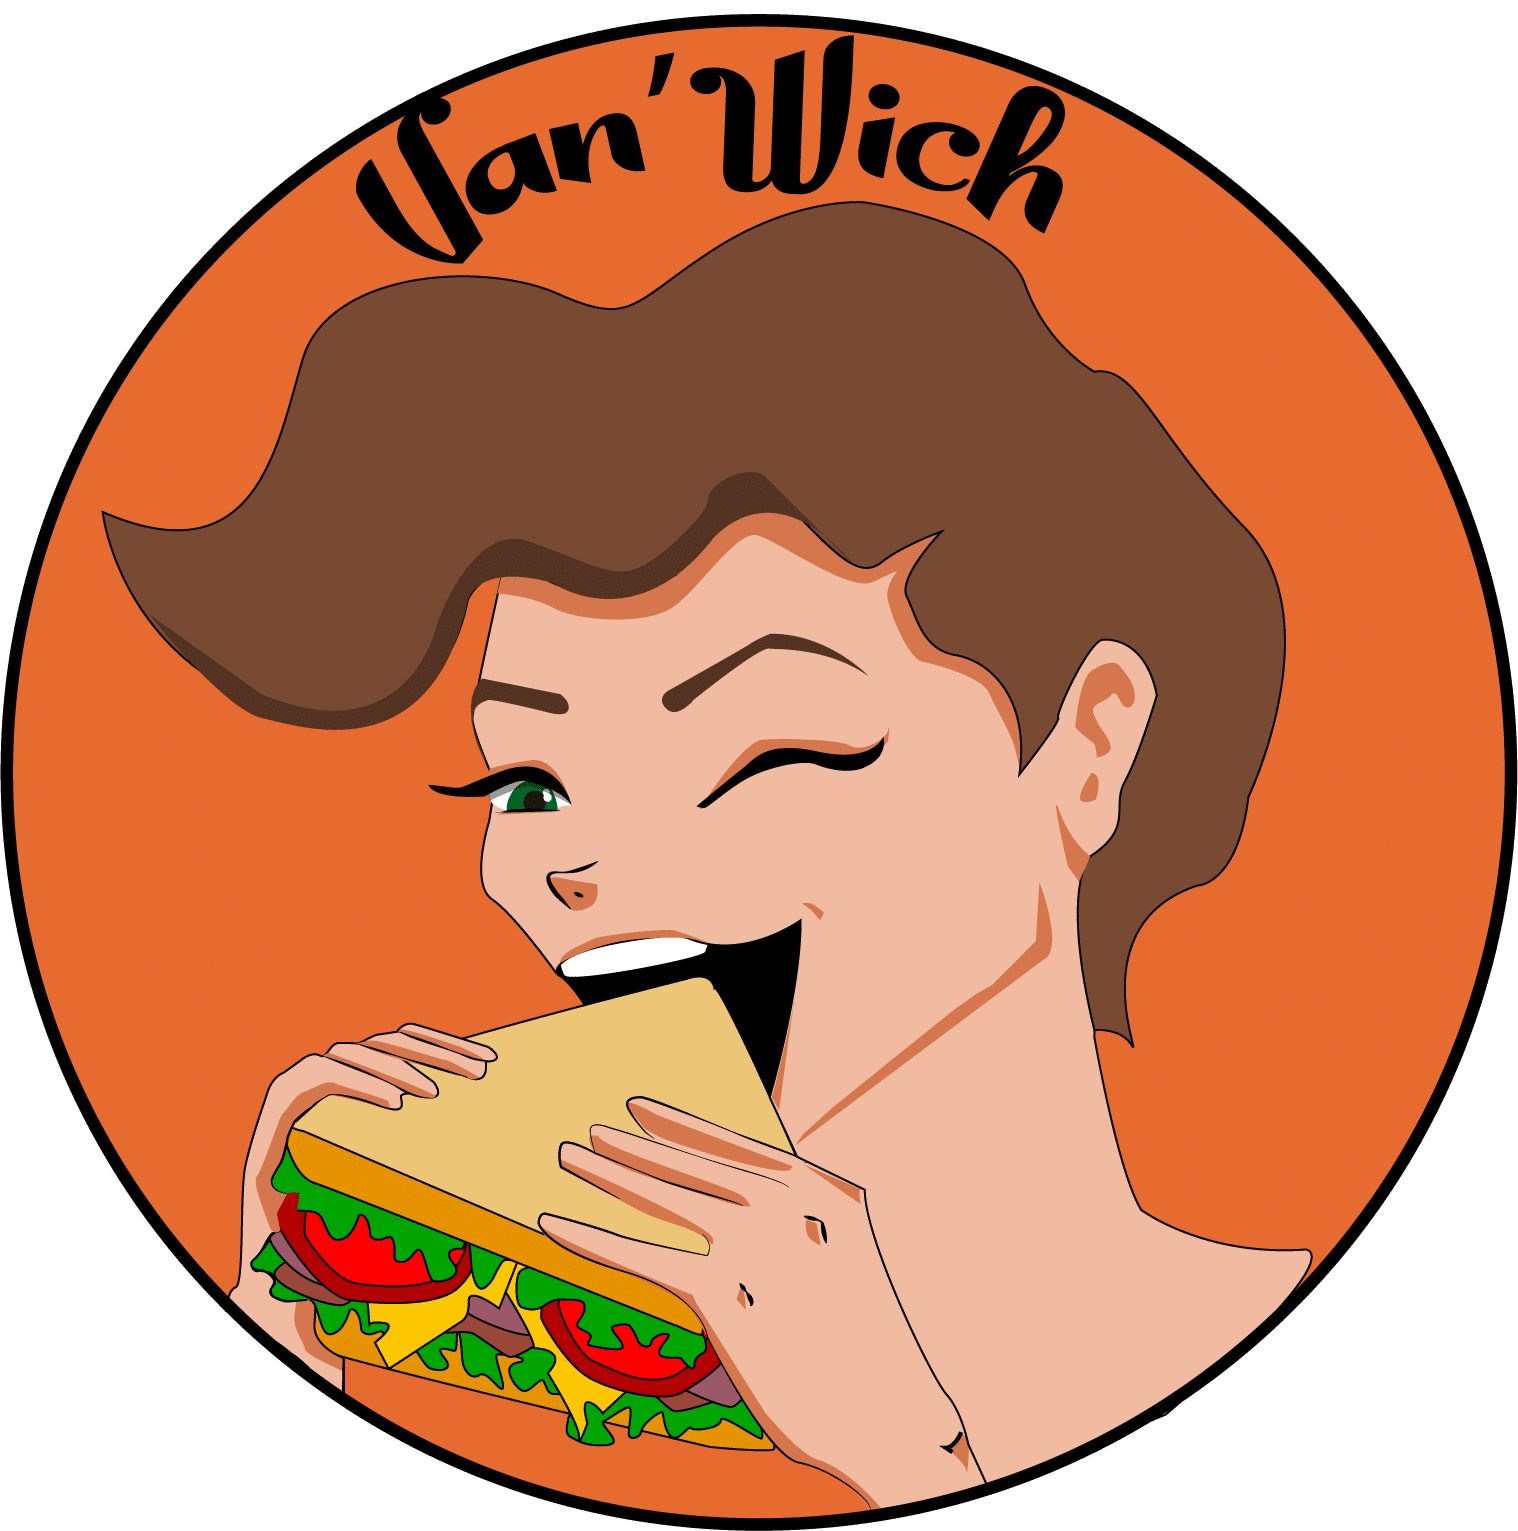 Van'Wich